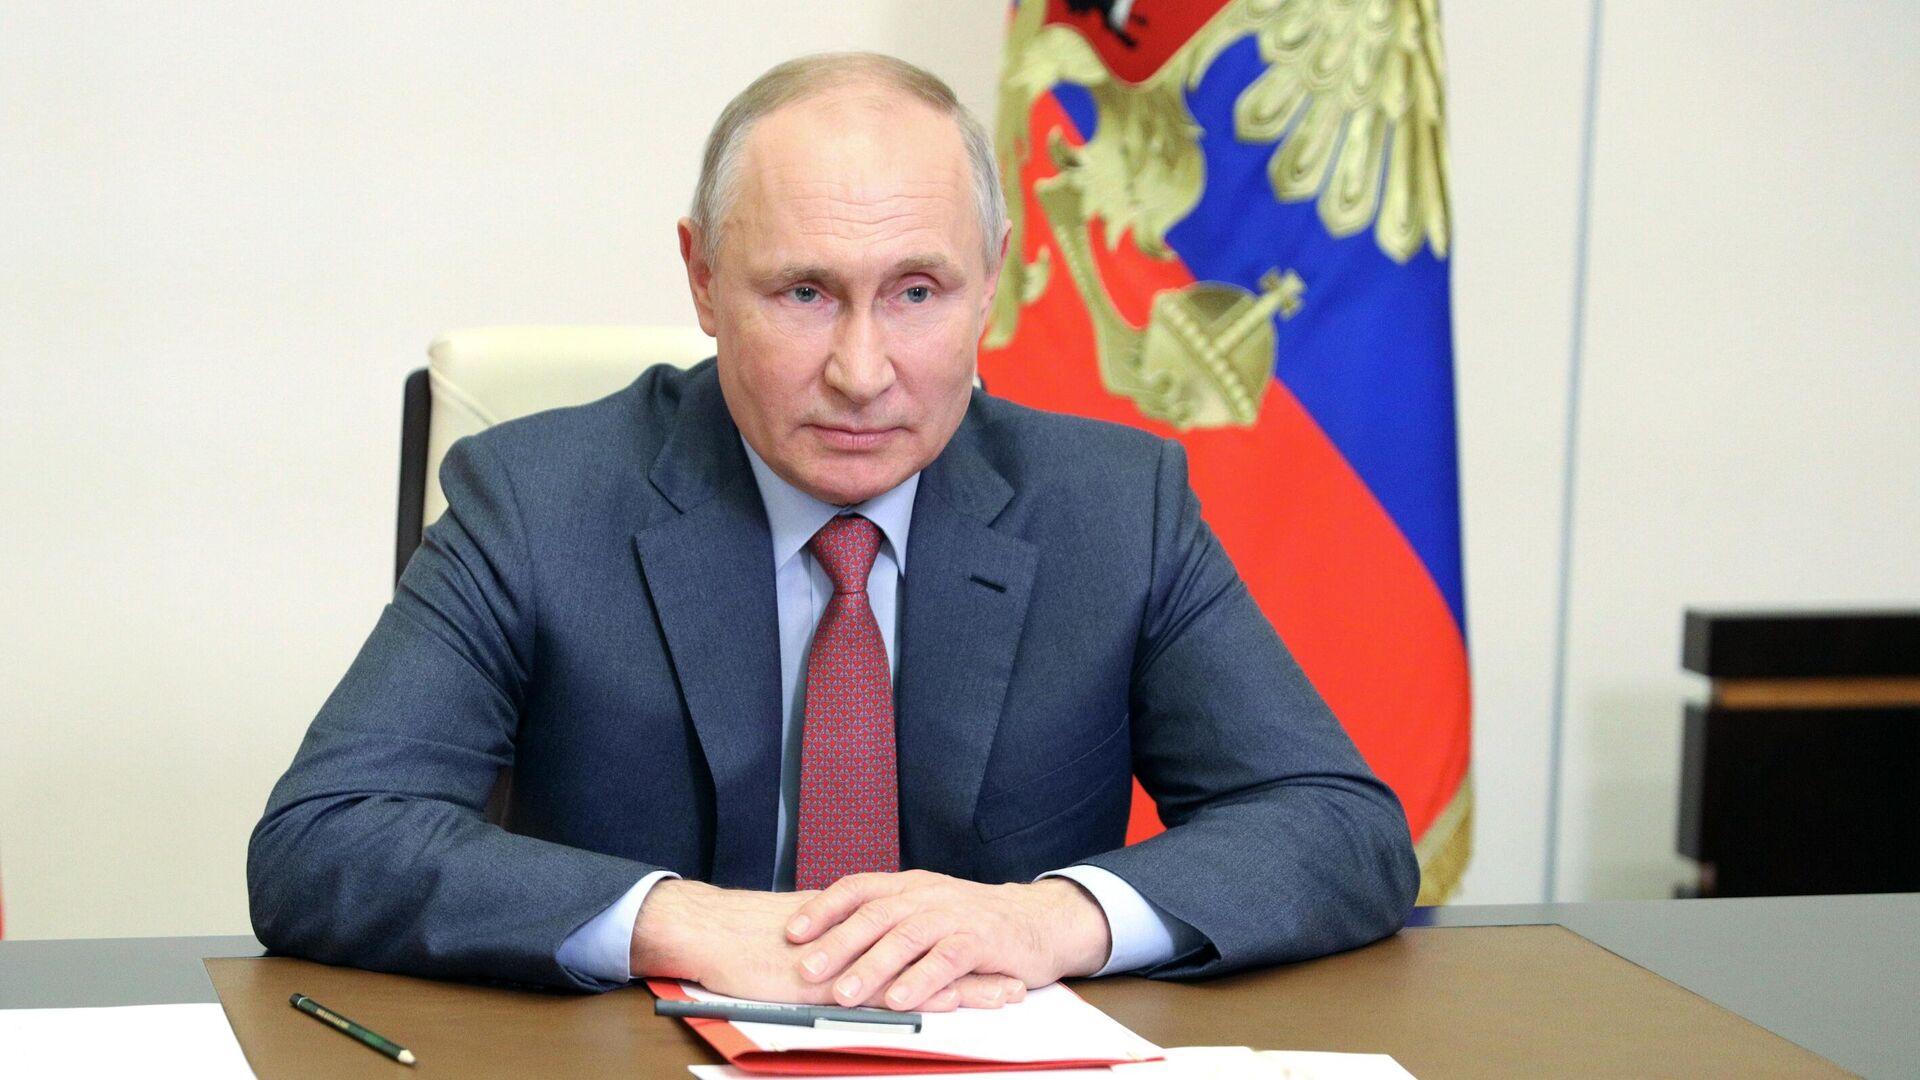 Президент РФ Владимир Путин проводит оперативное совещание с постоянными членами Совета безопасности - РИА Новости, 1920, 14.05.2021